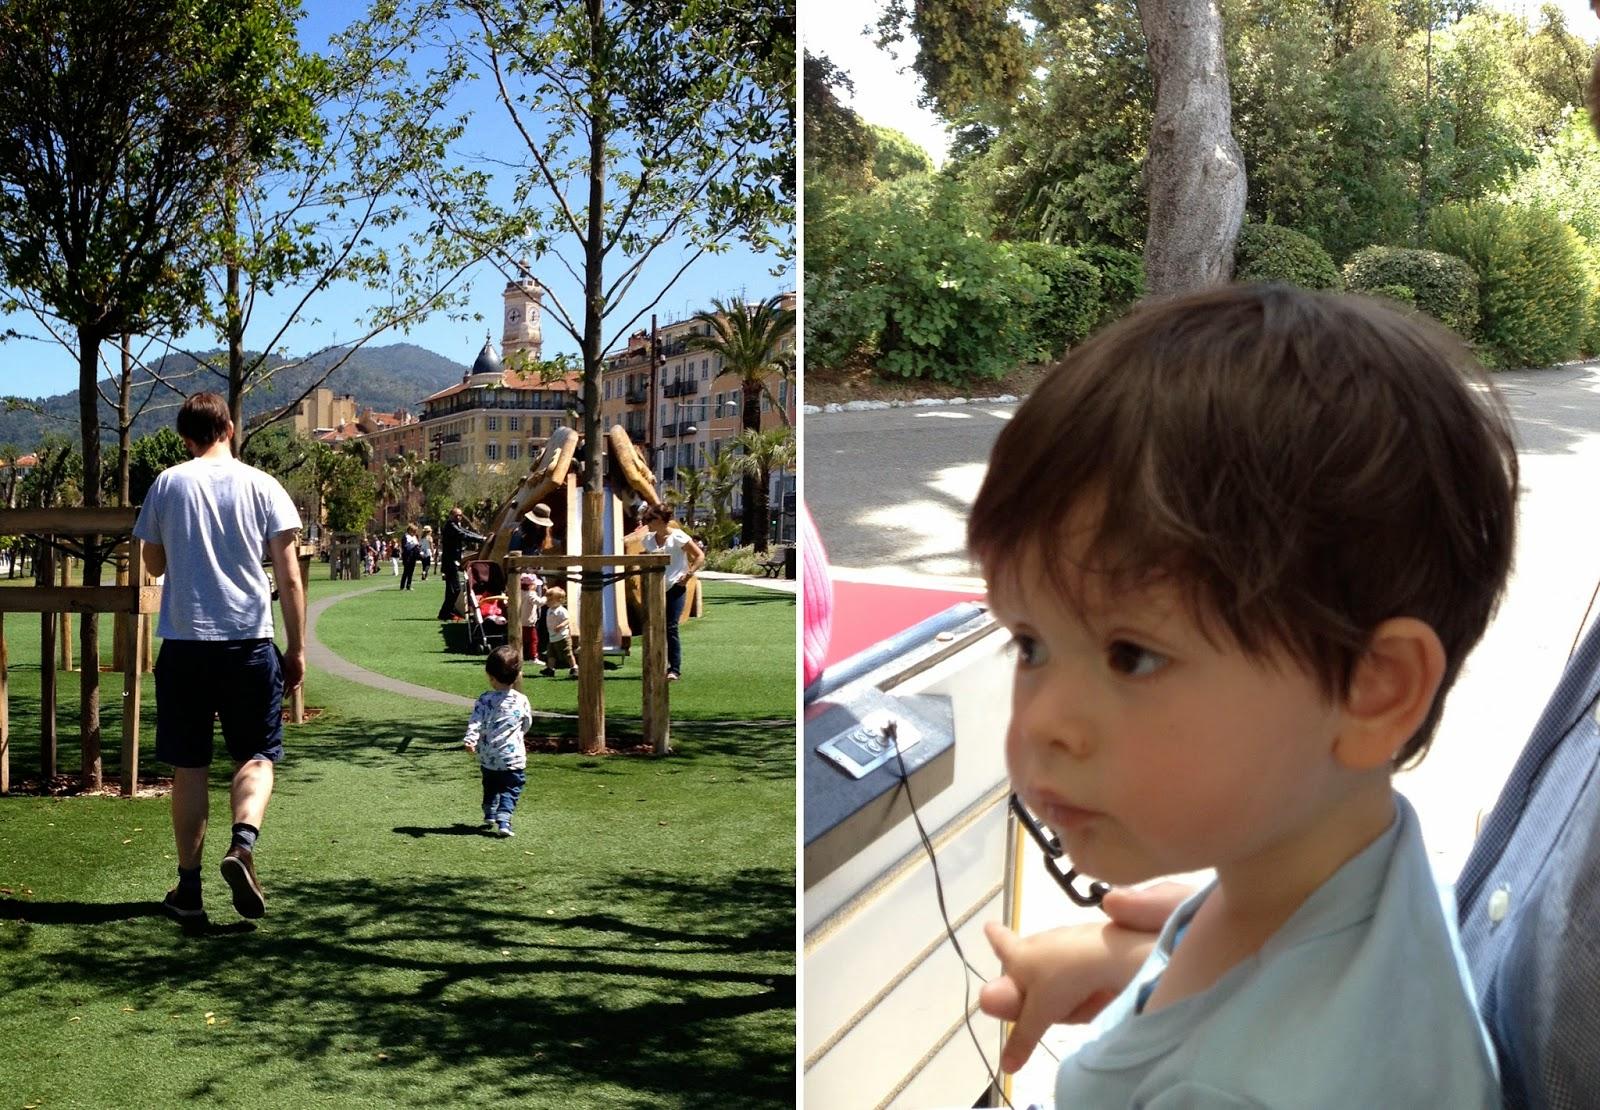 Finn - Nice Park